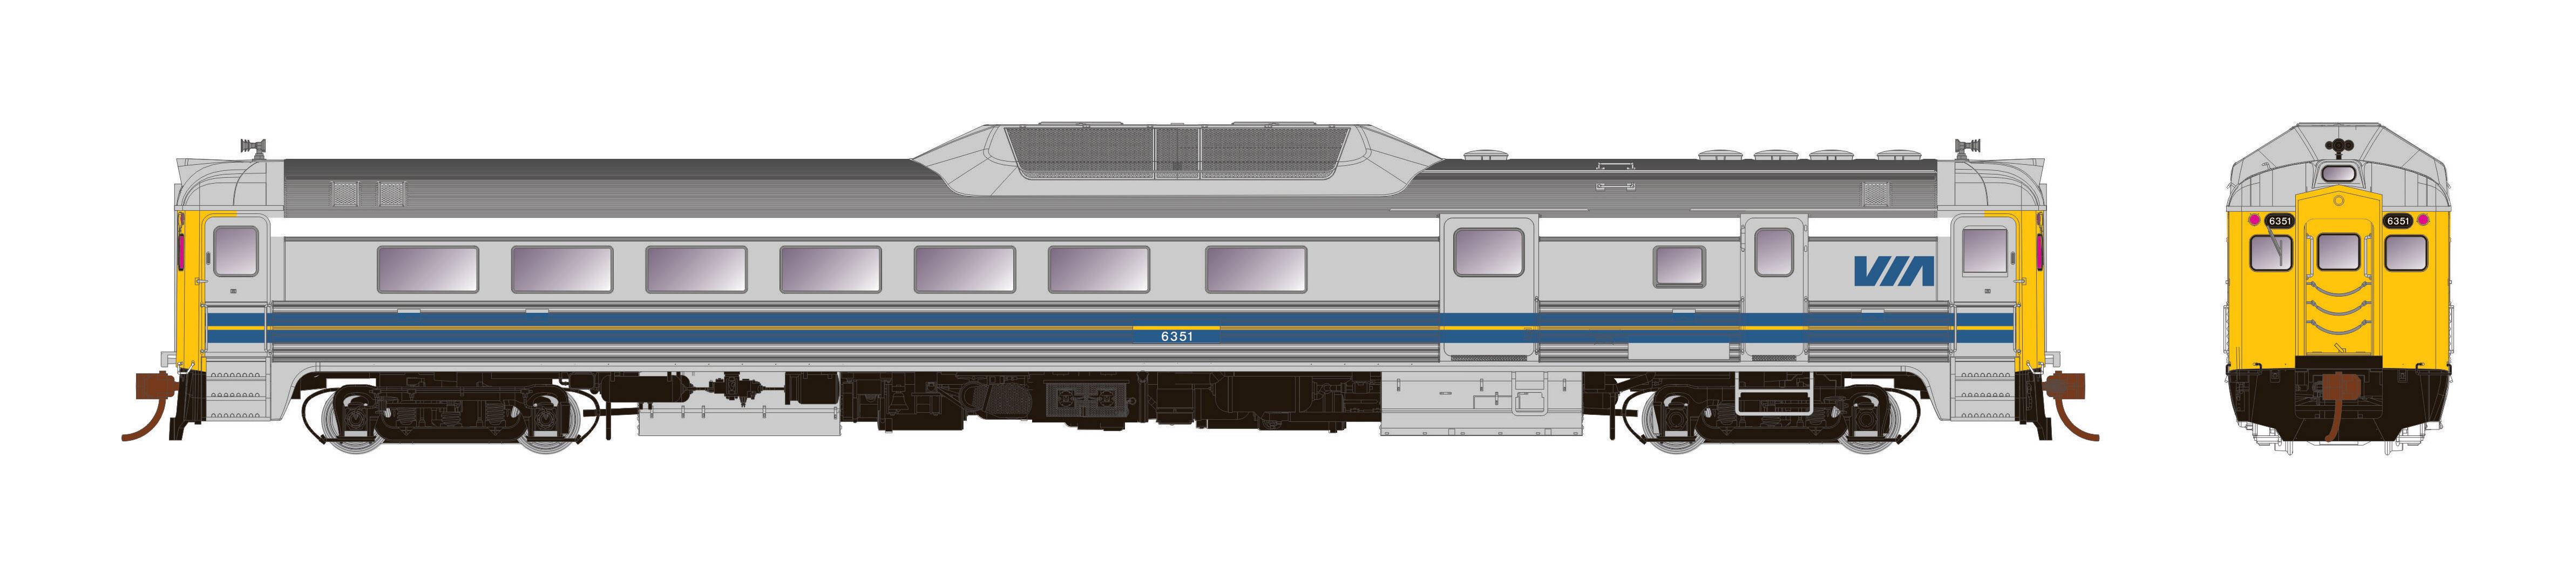 Rapido Trains 16250 - HO Budd RDC-3 - PH2 - DC - VIA Rail #6356